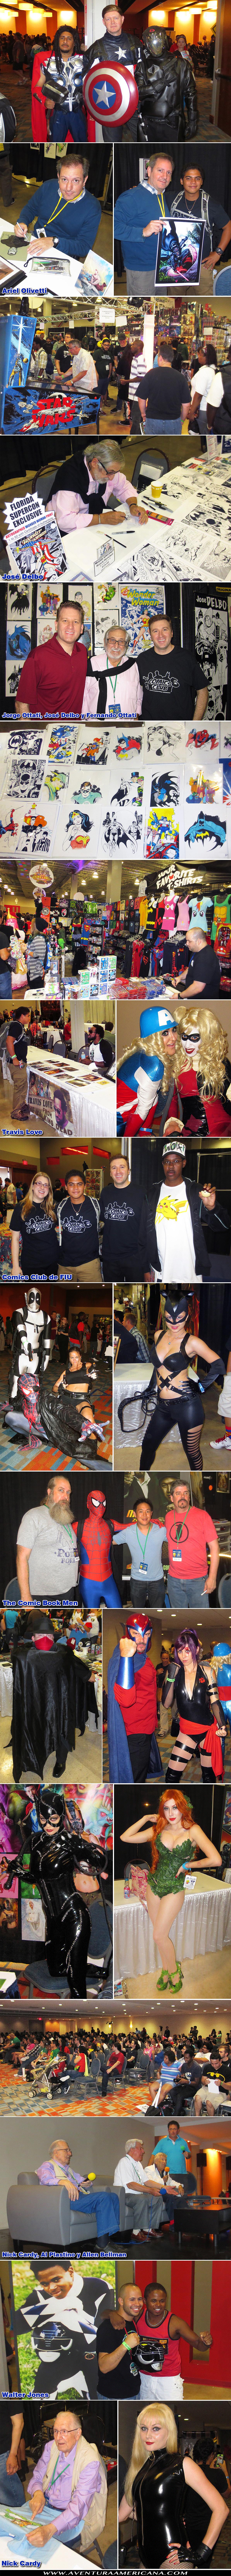 FL SuperCon 2013-002